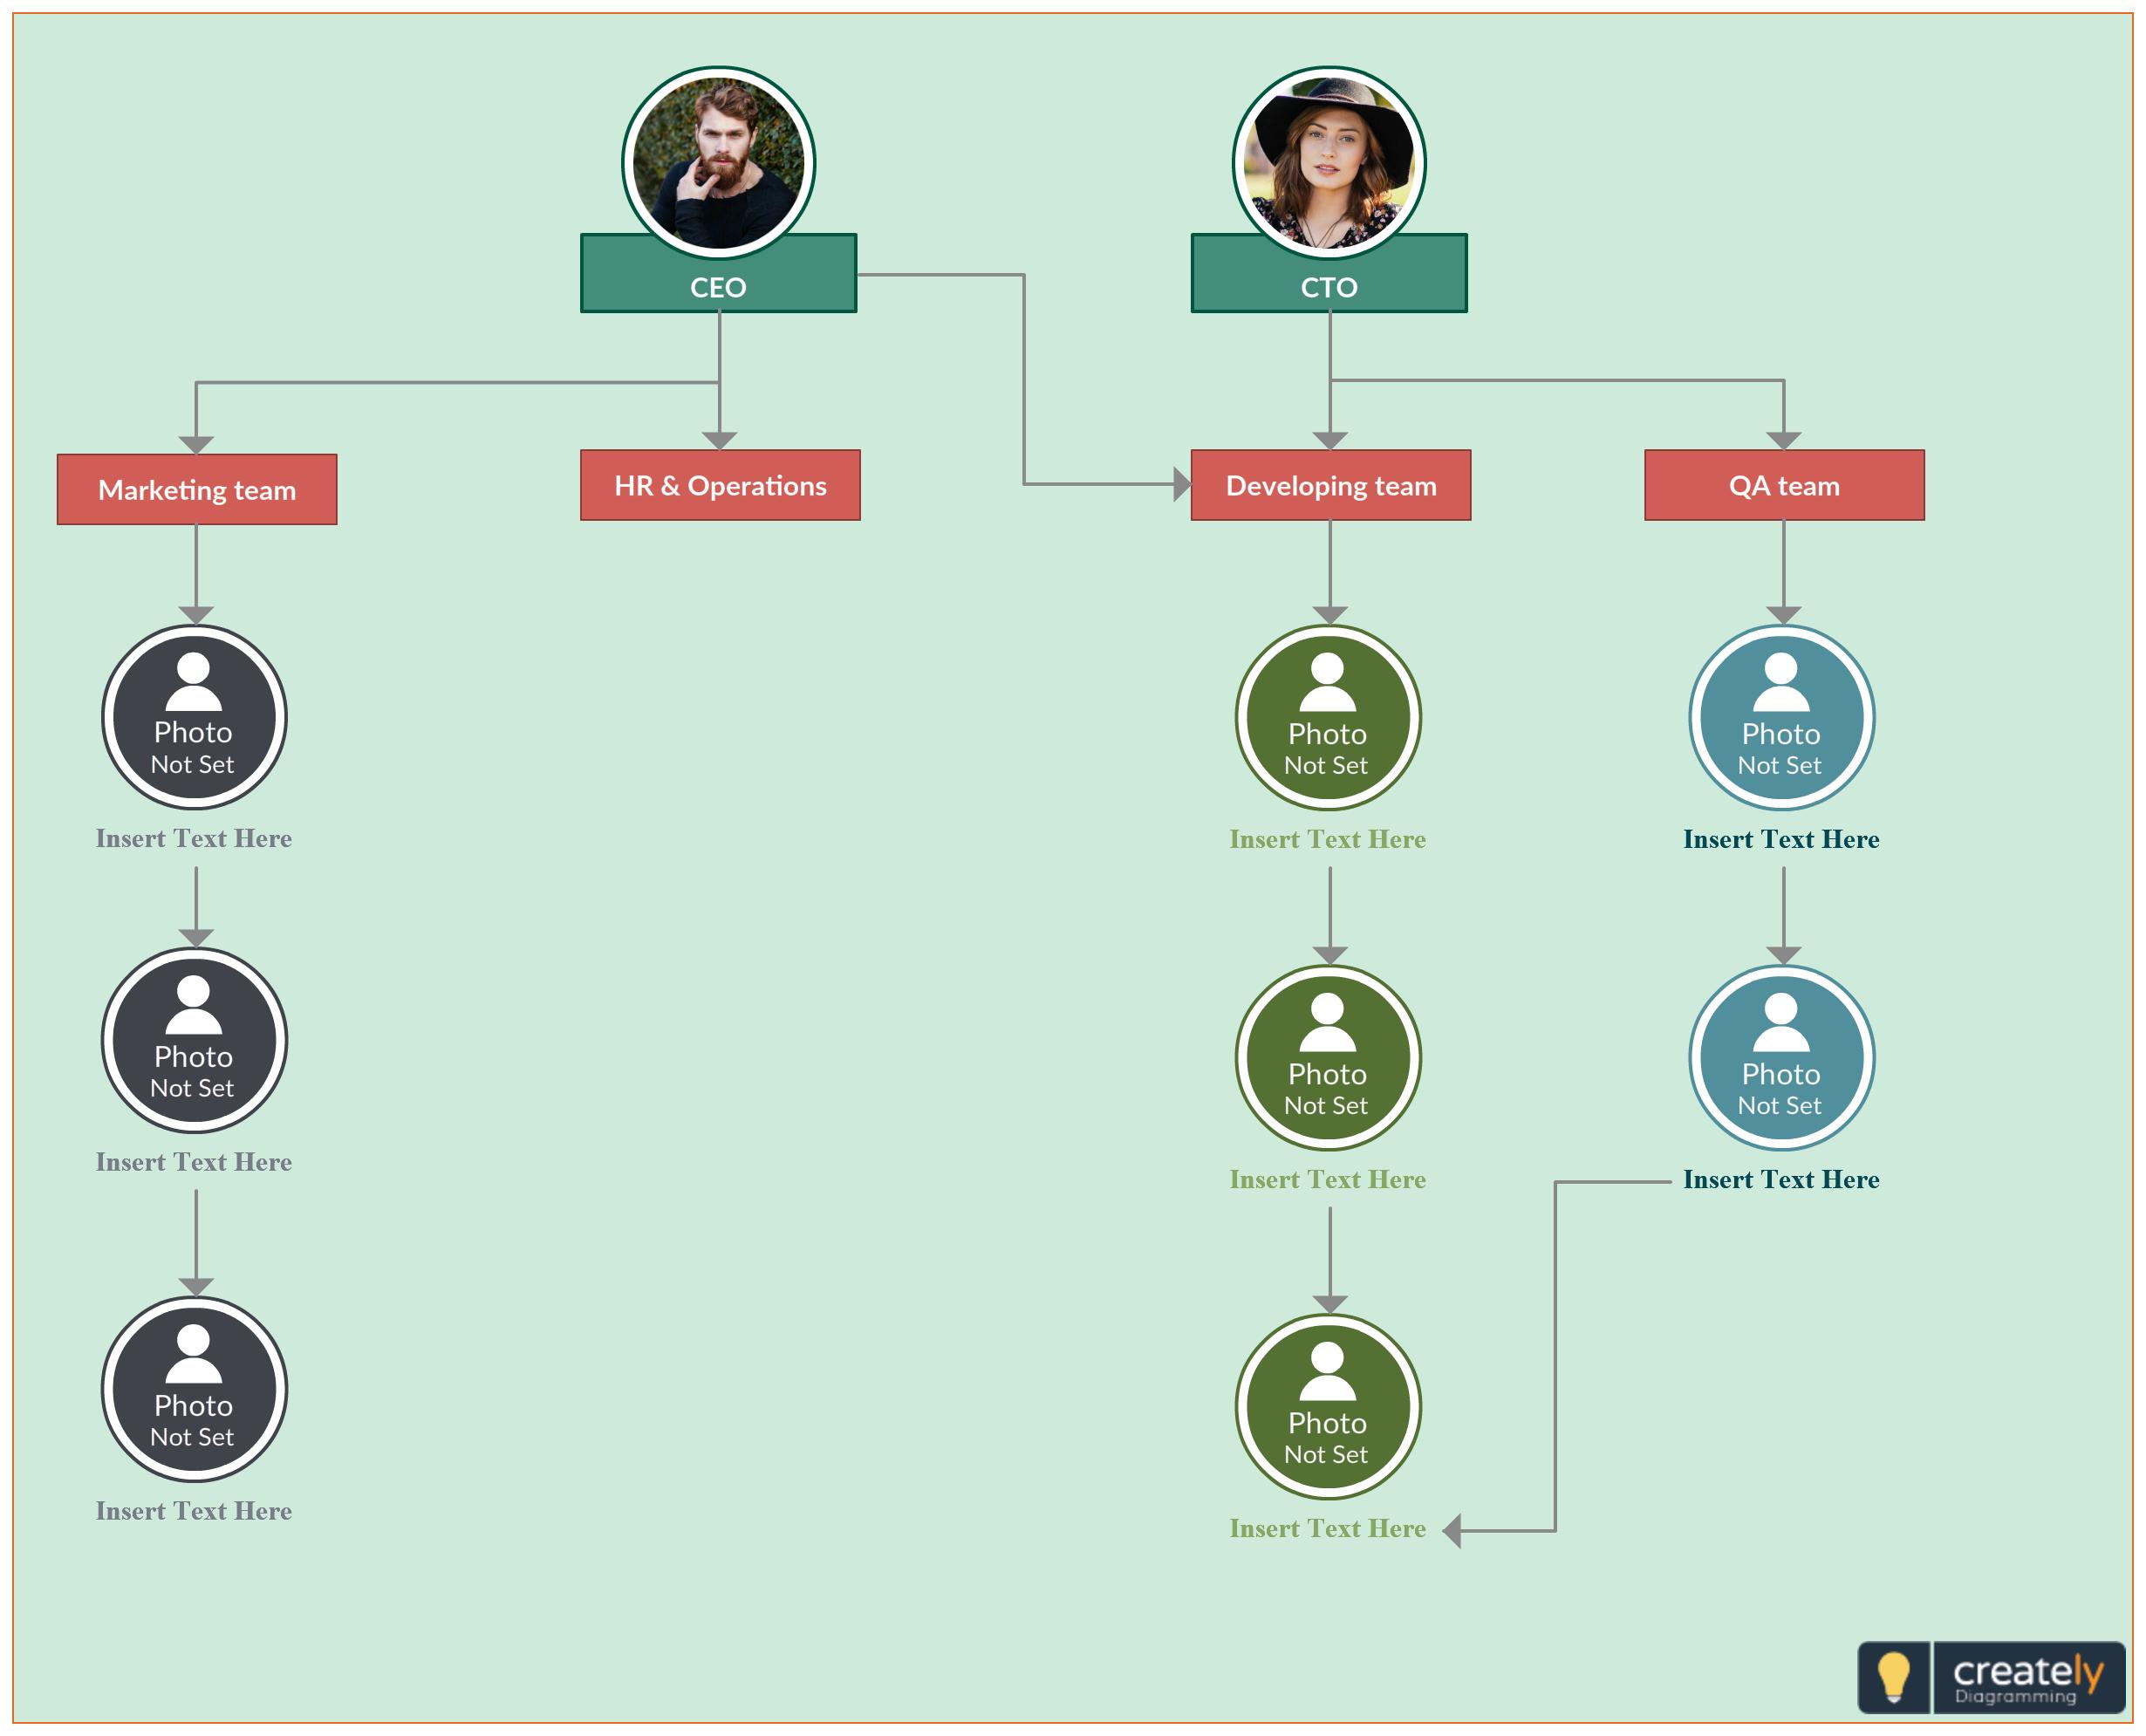 Small Business Organization Structure Chart For A Small Company Should Be Comp Business Organizational Structure Small Business Organization Organization Chart